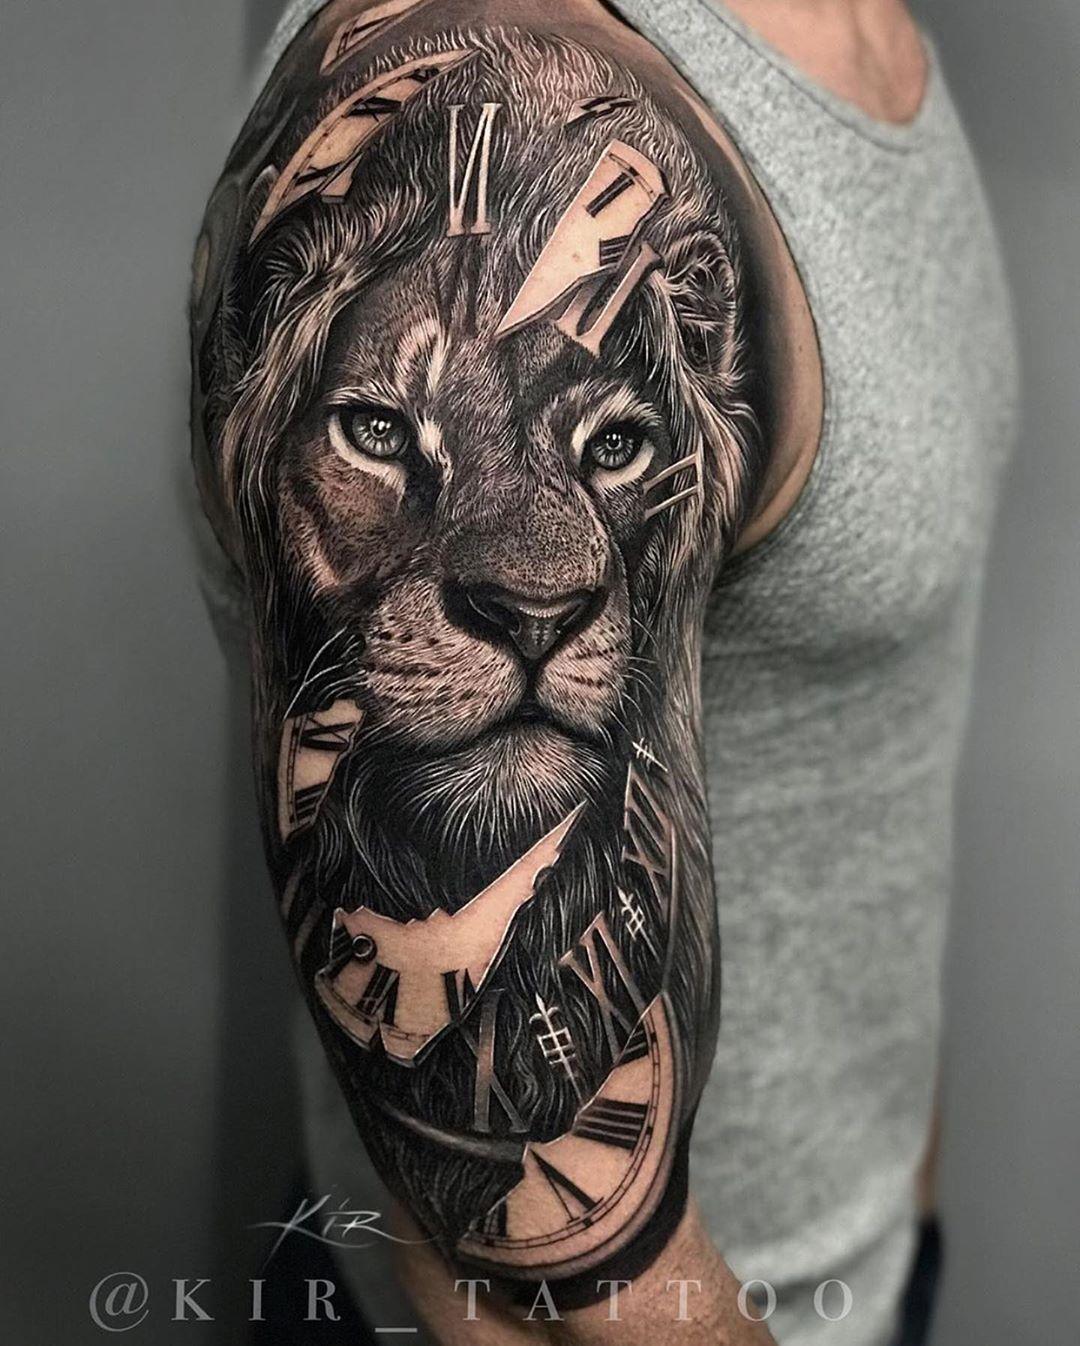 Fantastic Tattoos The Most Interesting Tattoo Ideas 20 Creative Tattoo Designs Fantastic Tattoos The In 2020 Lion Tattoo Sleeves Creative Tattoos Lion Tattoo